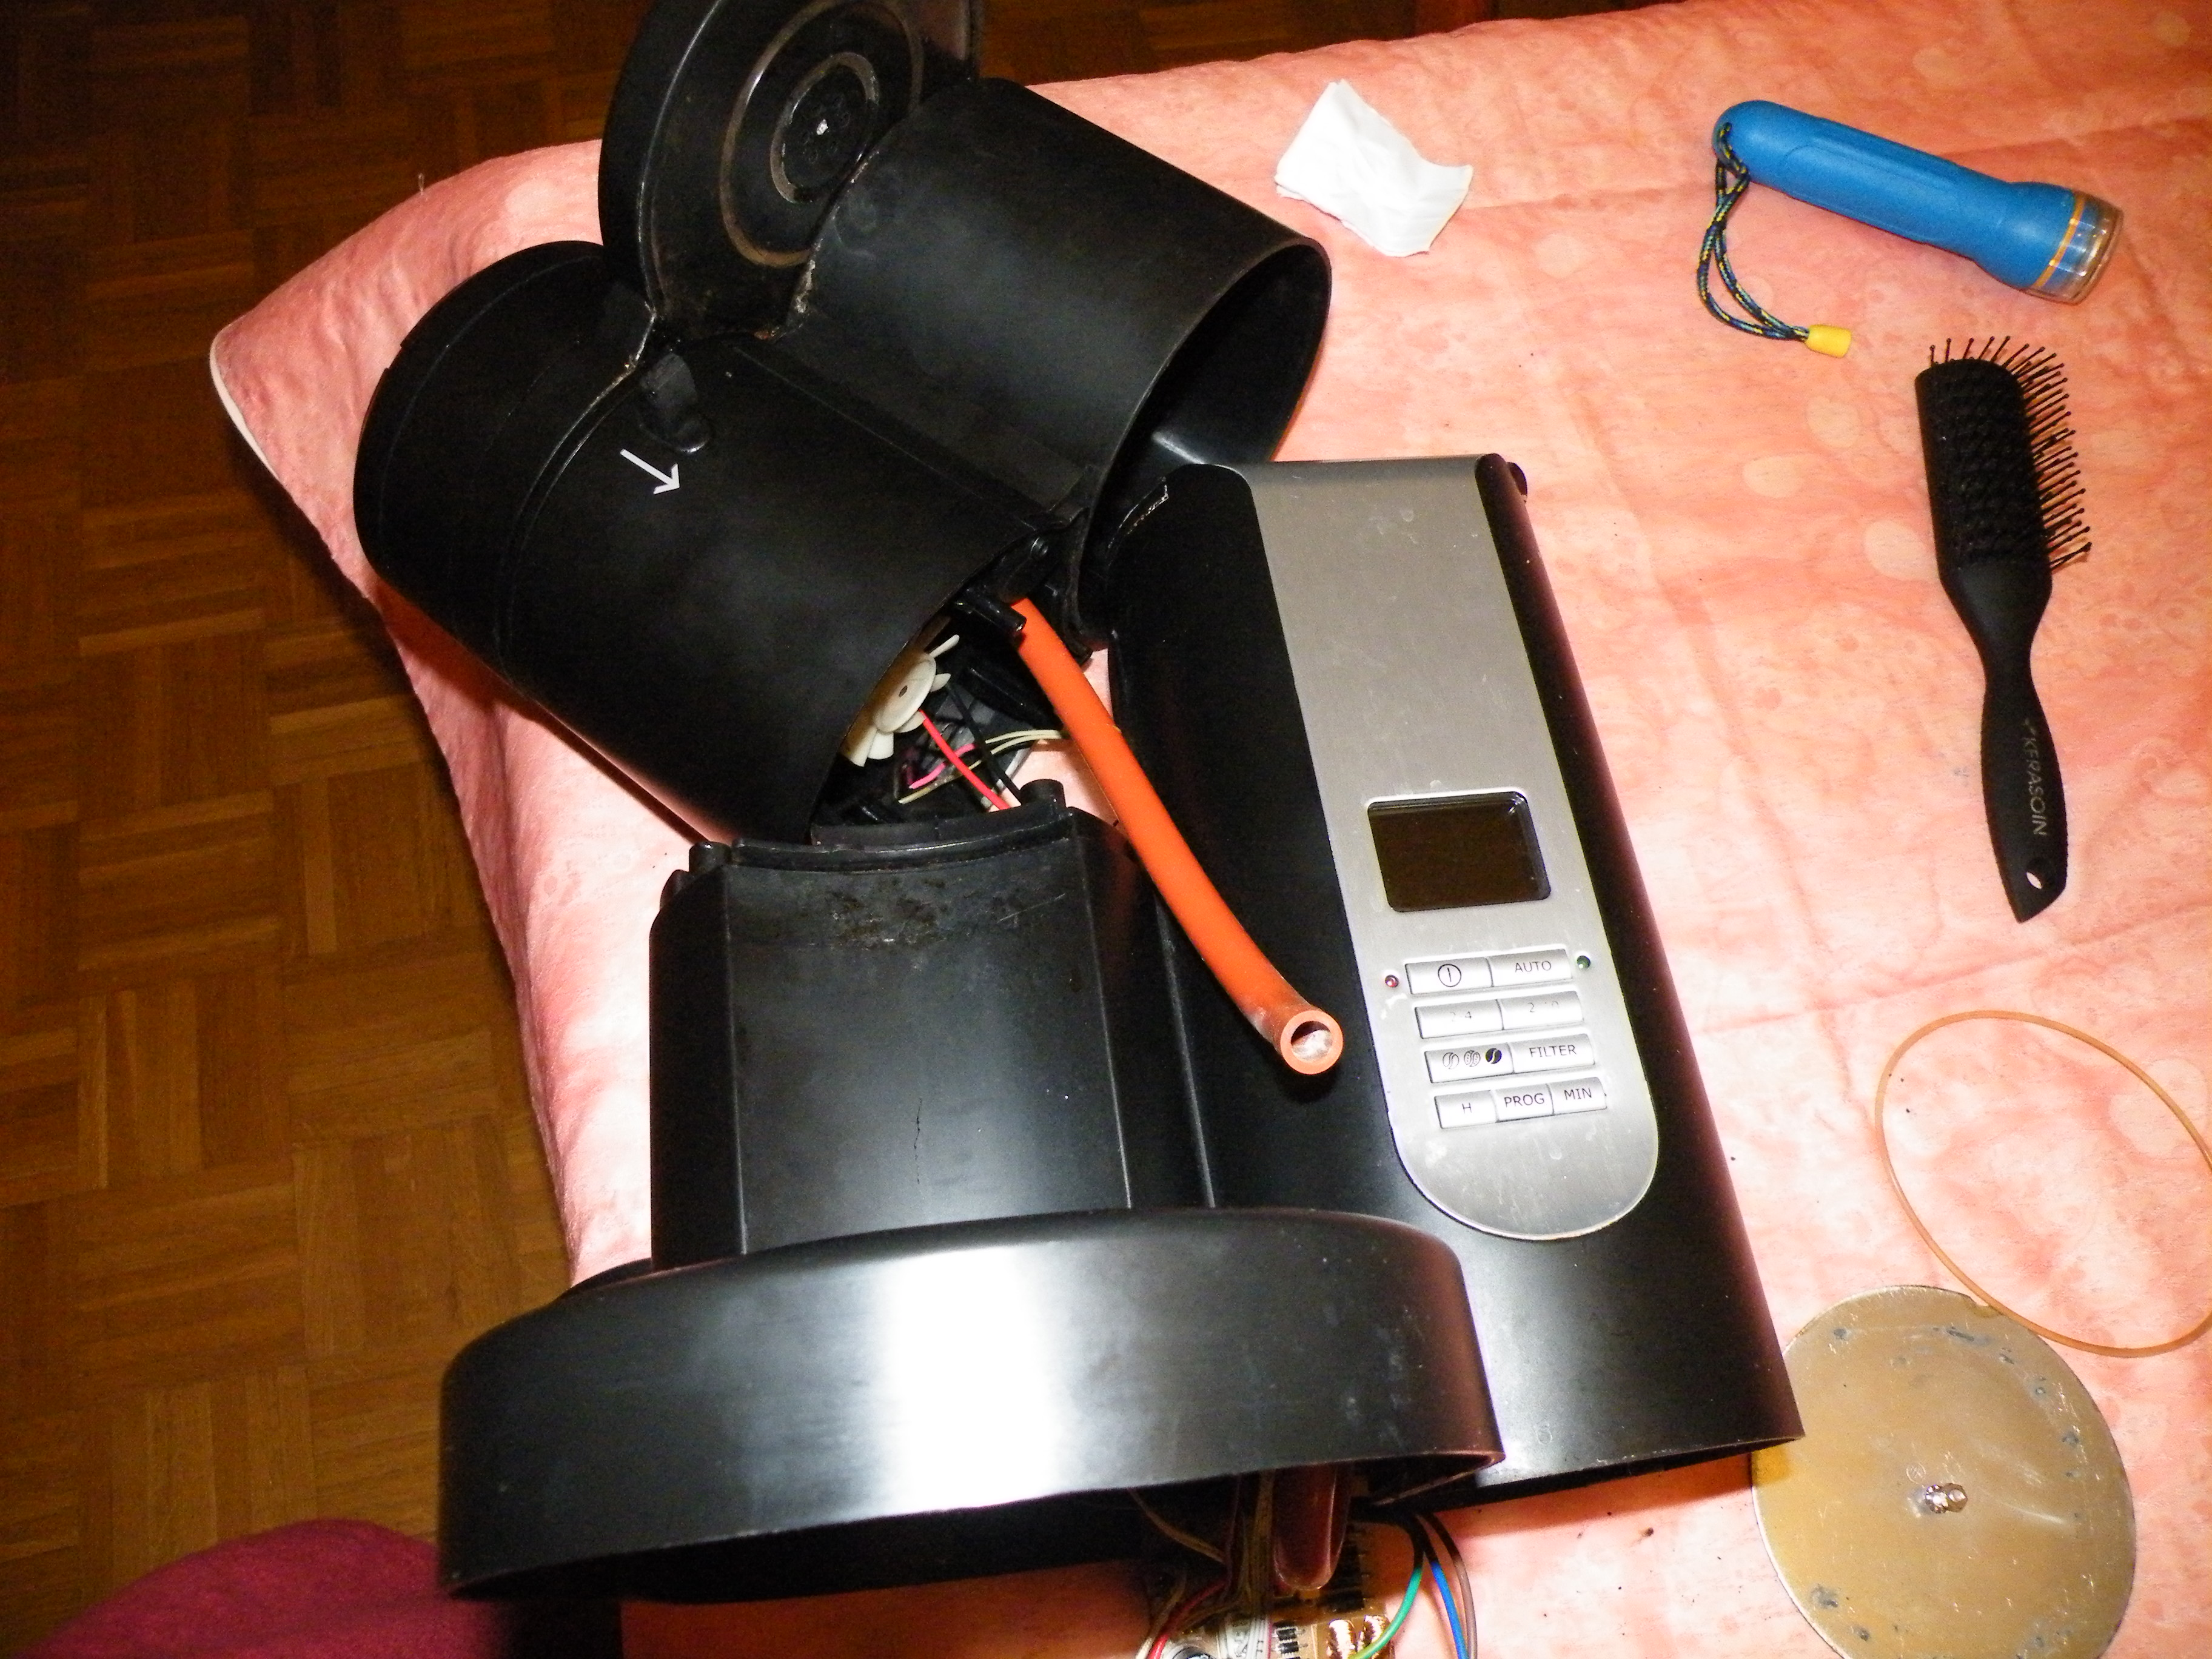 Cafeti re electrolux ekam200 ne moud plus le caf forums de abcelectronique - Cafetiere moud le cafe ...